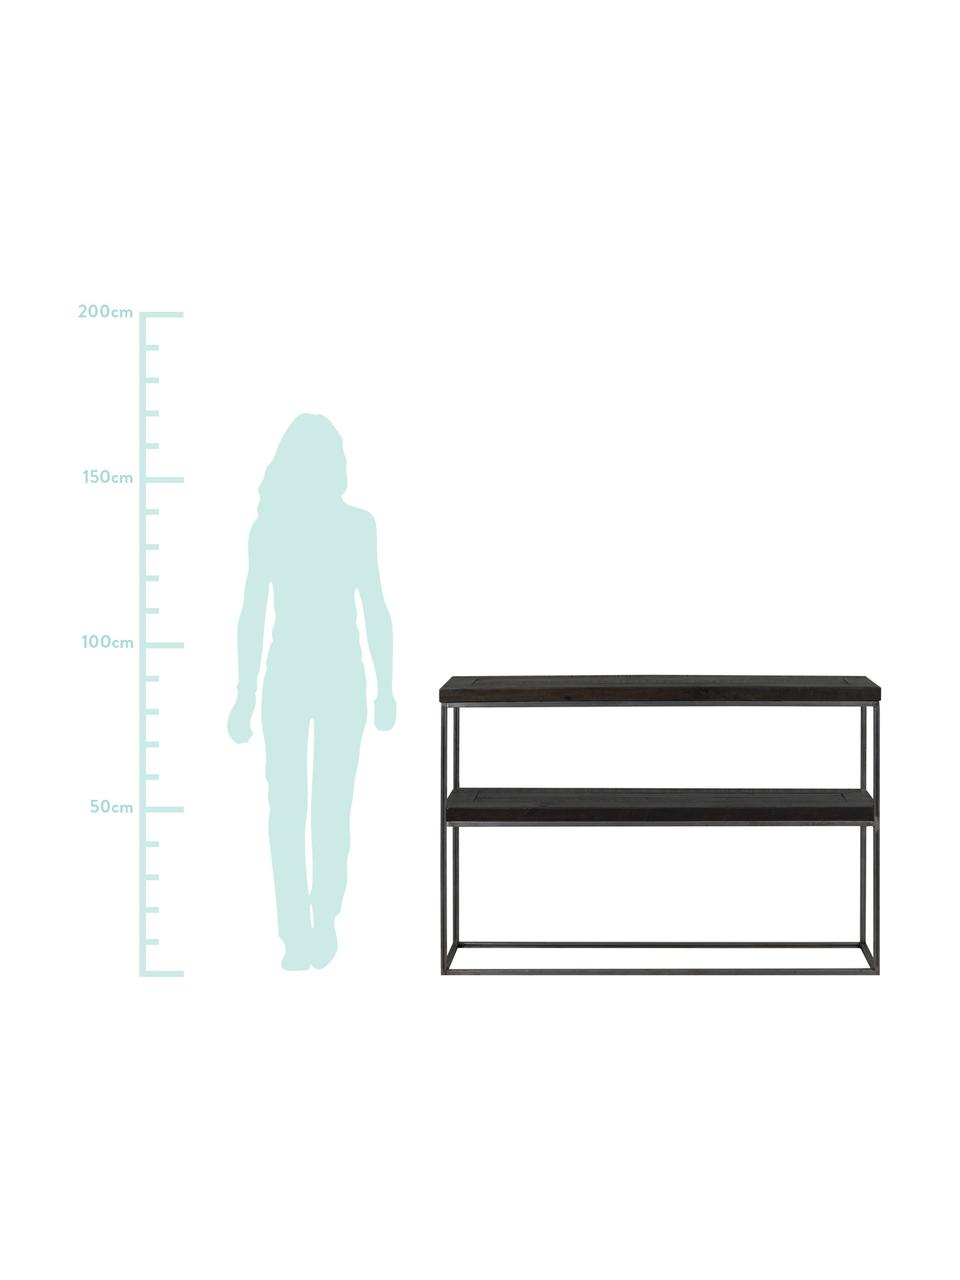 Konsole Dalton im Industrial Design, Gestell: Metall, lackiert, Ablageflächen: Schwarz mit sichtbarer Holzstruktur<br>Gestell: Grau, B 121 x T 31 cm